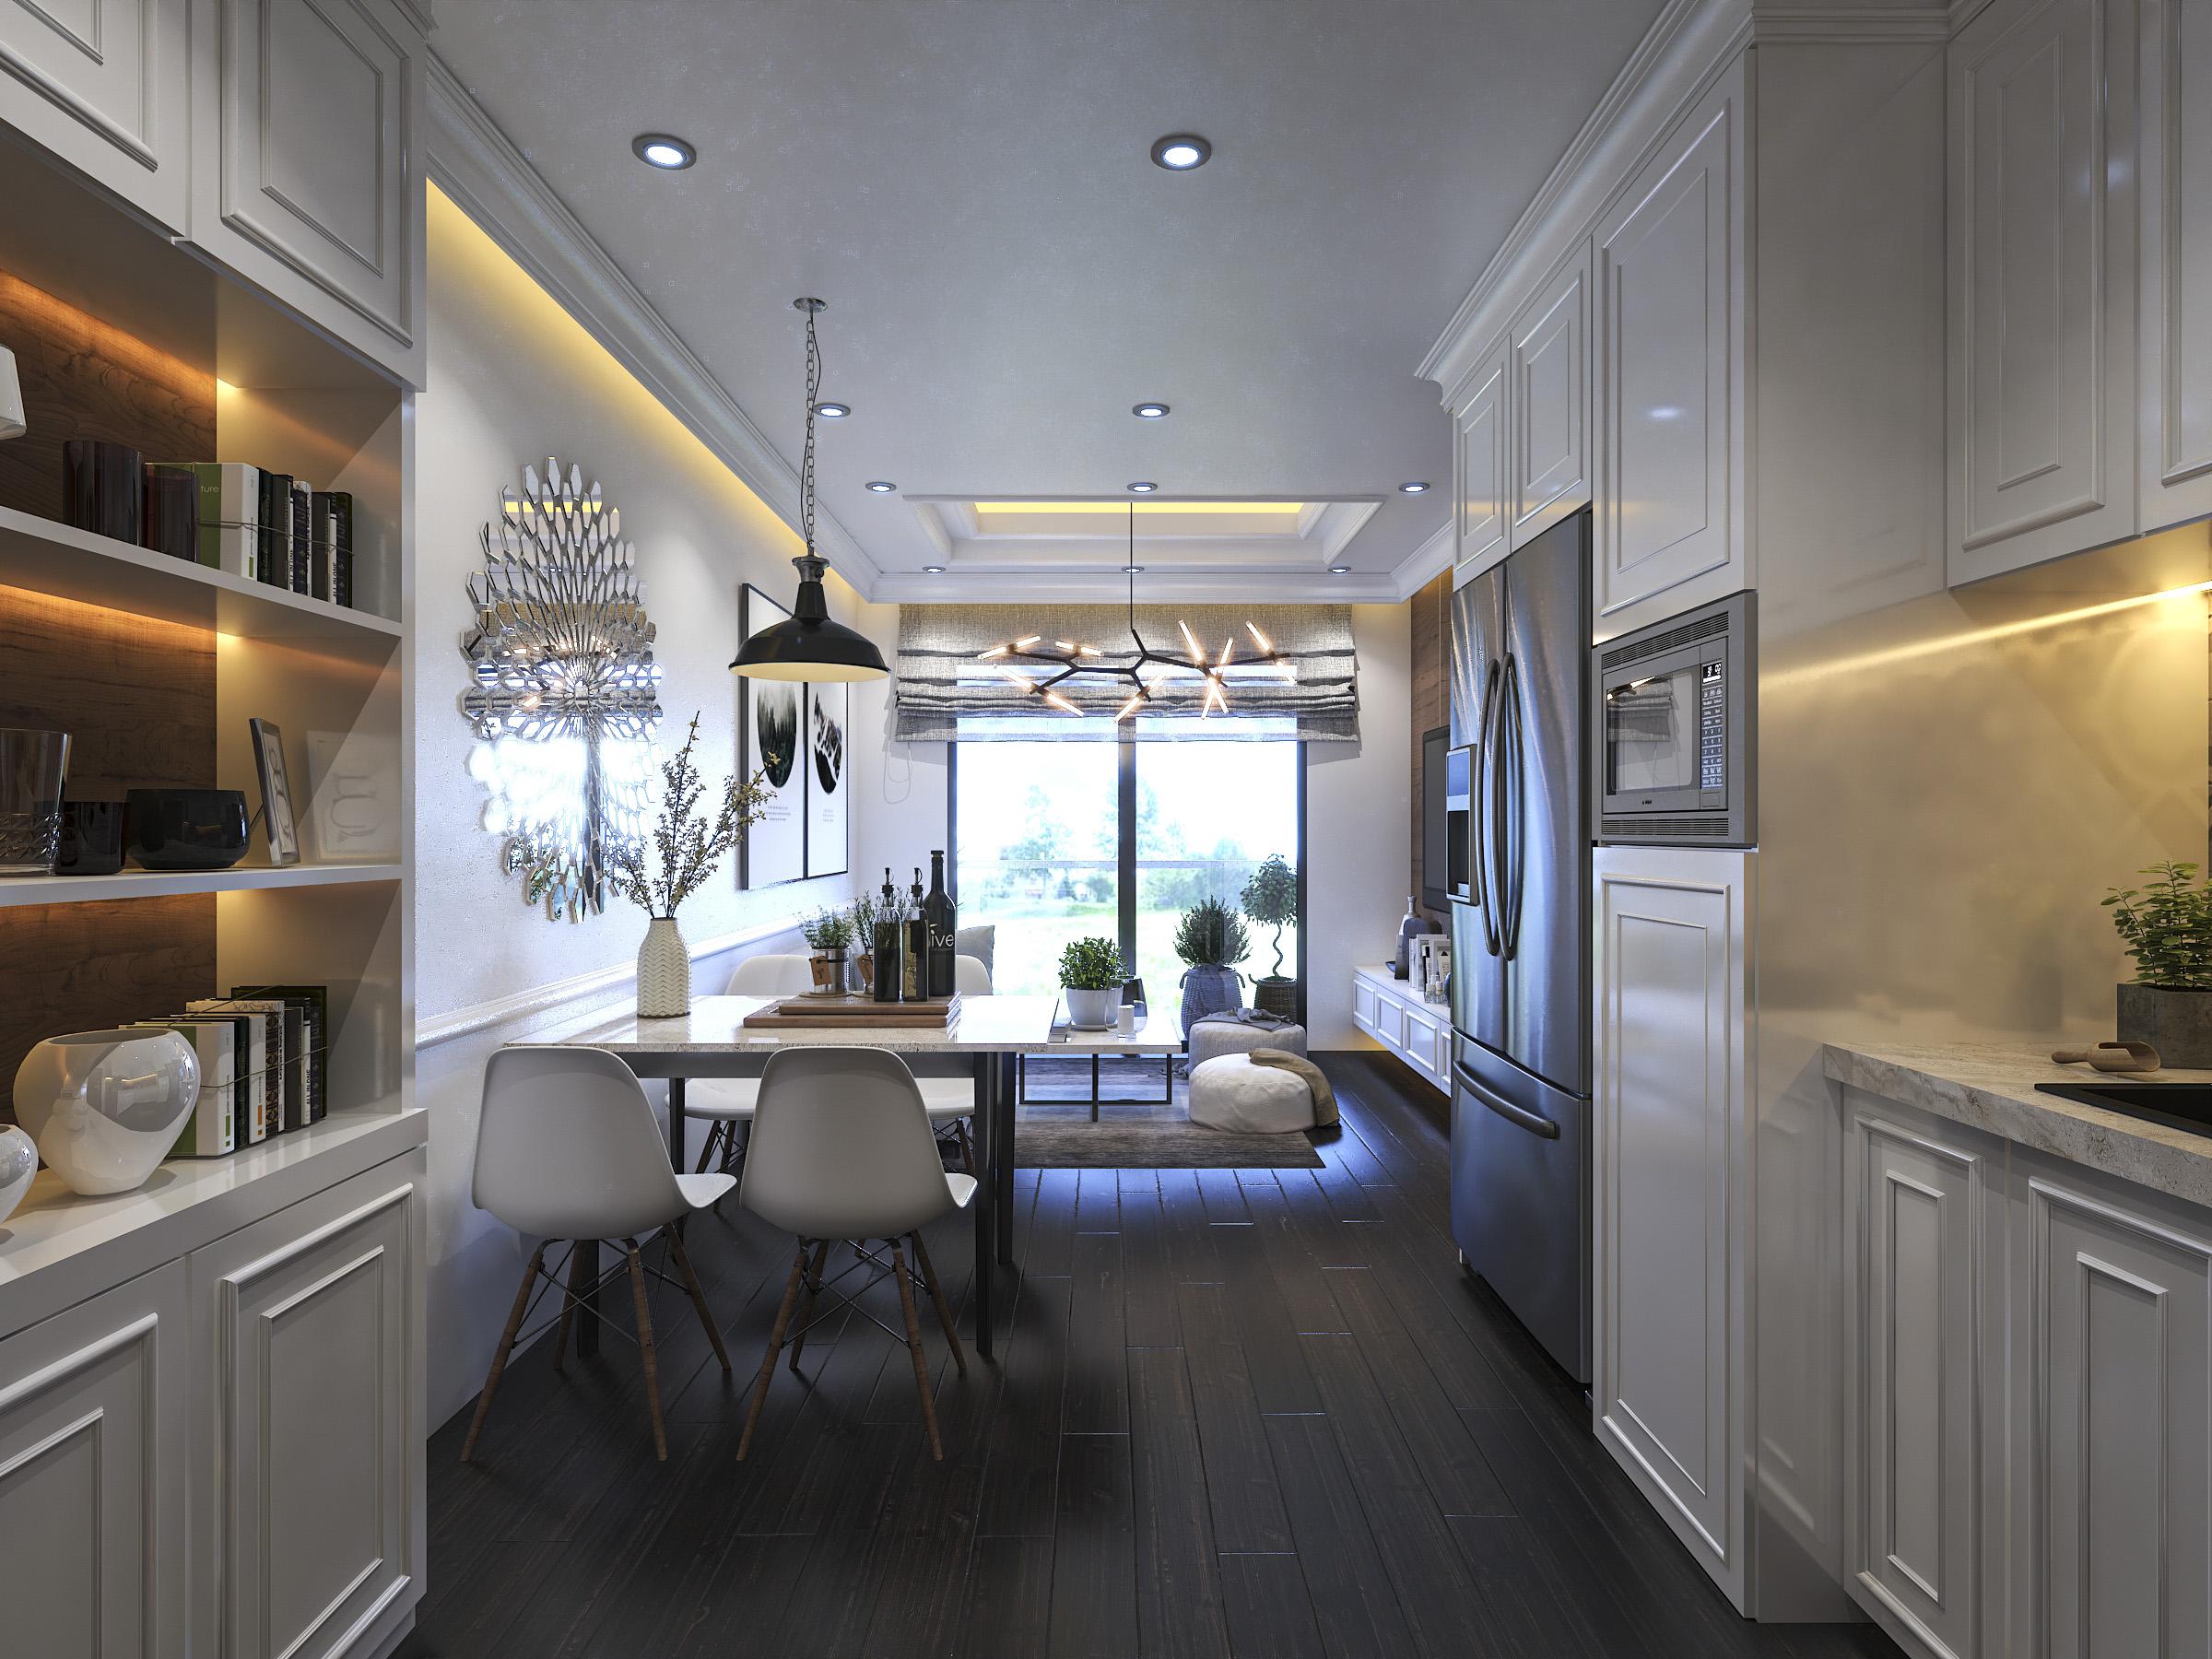 Thiết kế nội thất Chung Cư tại Hồ Chí Minh Ms Liên's Apartment 1592323879 0